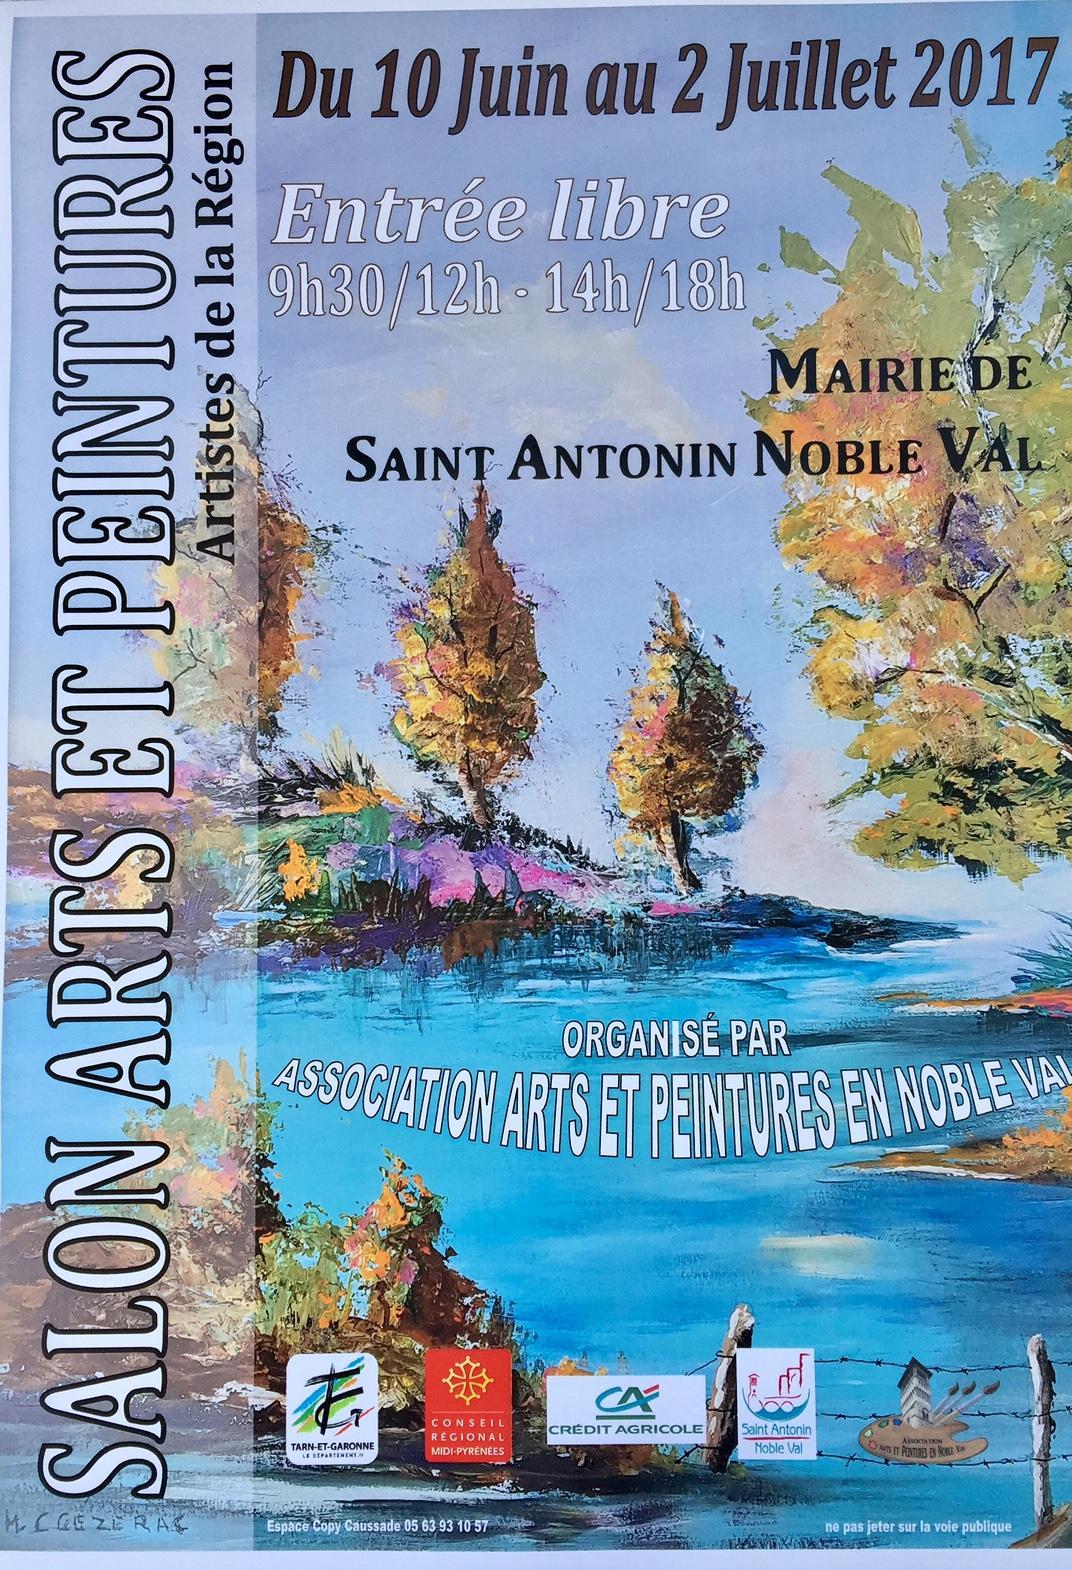 Actualité de francine D'oliveira Rezende artiste peintre Exposition d'art.